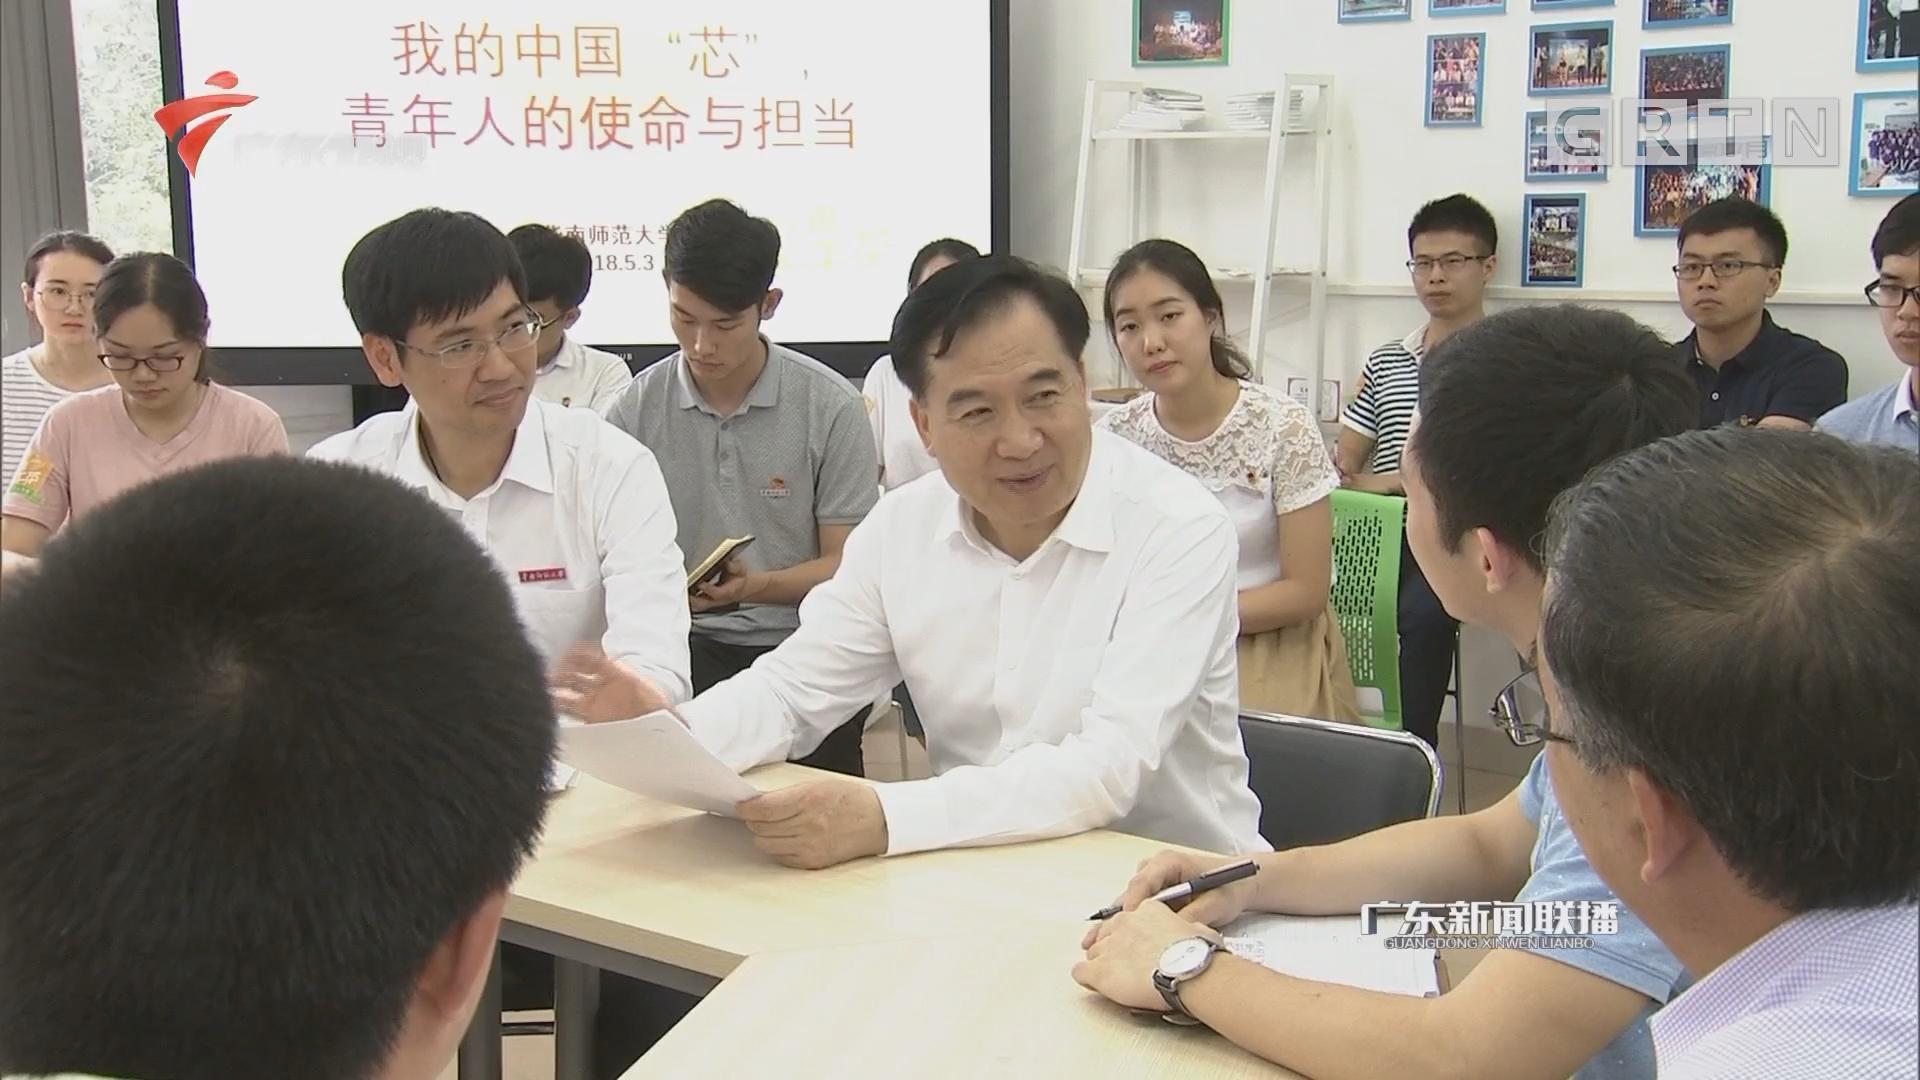 李希到广州大学城调研